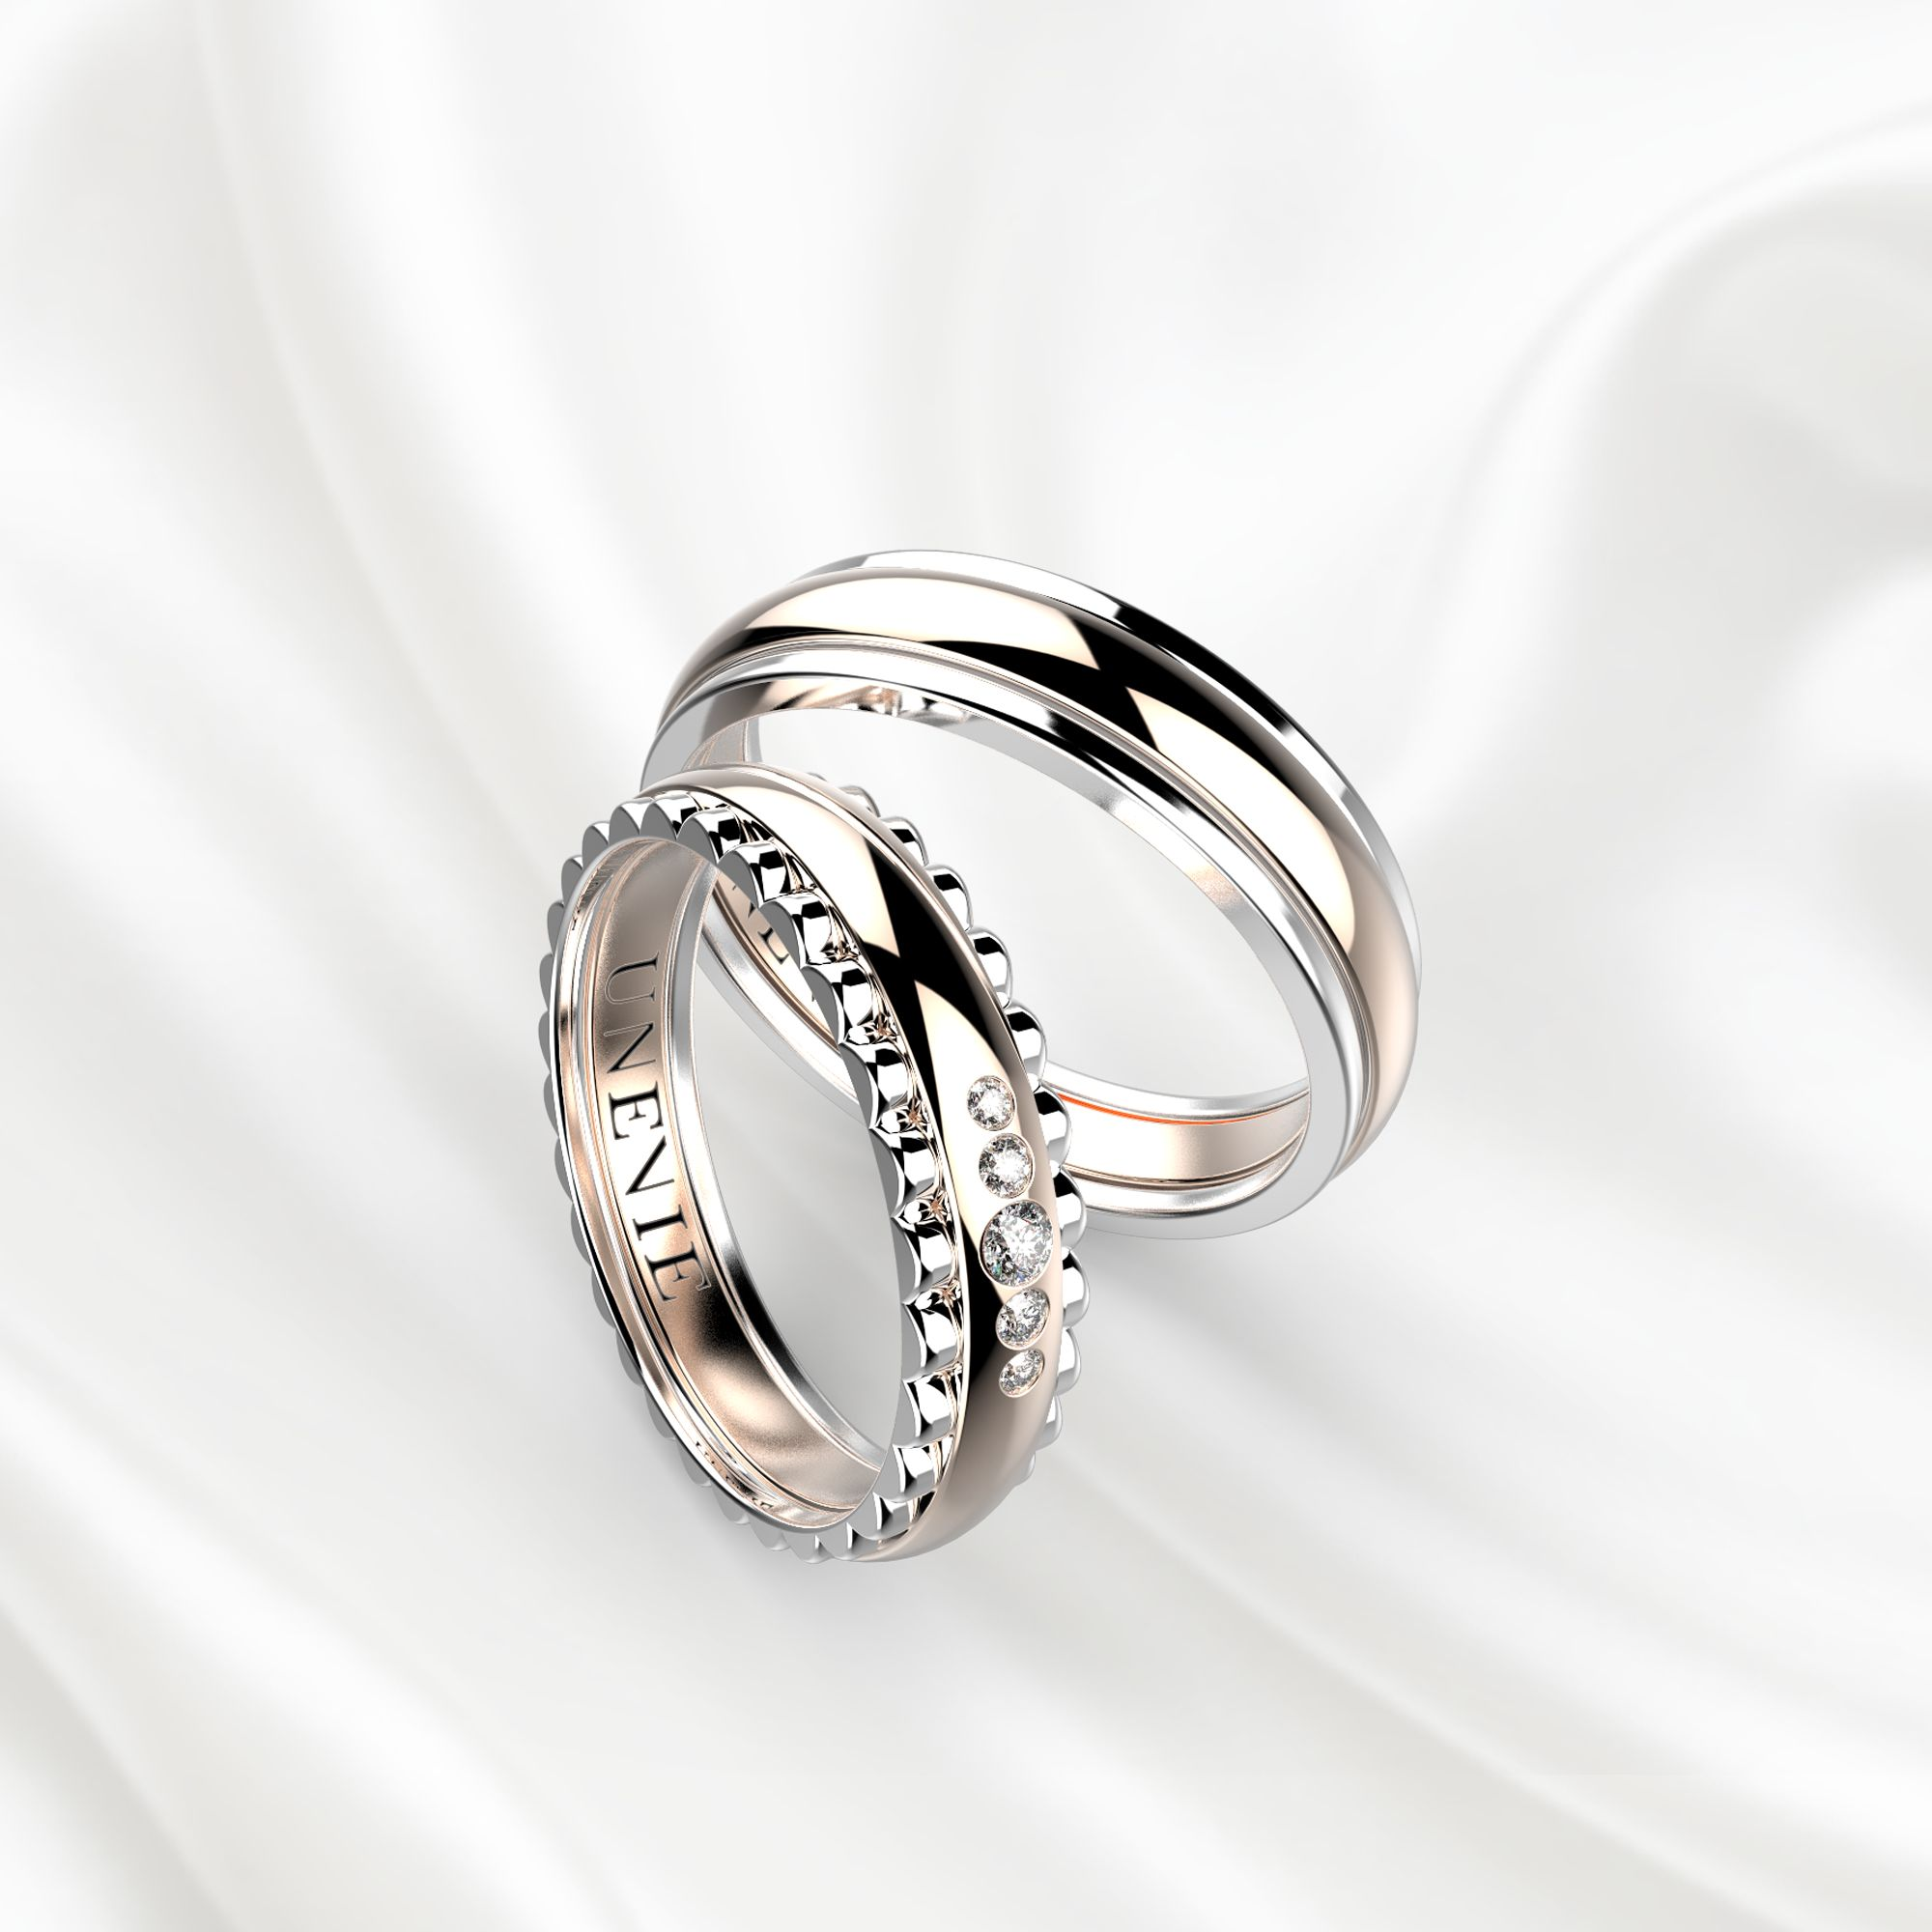 NV5 Обручальные кольца из бело-розового золота